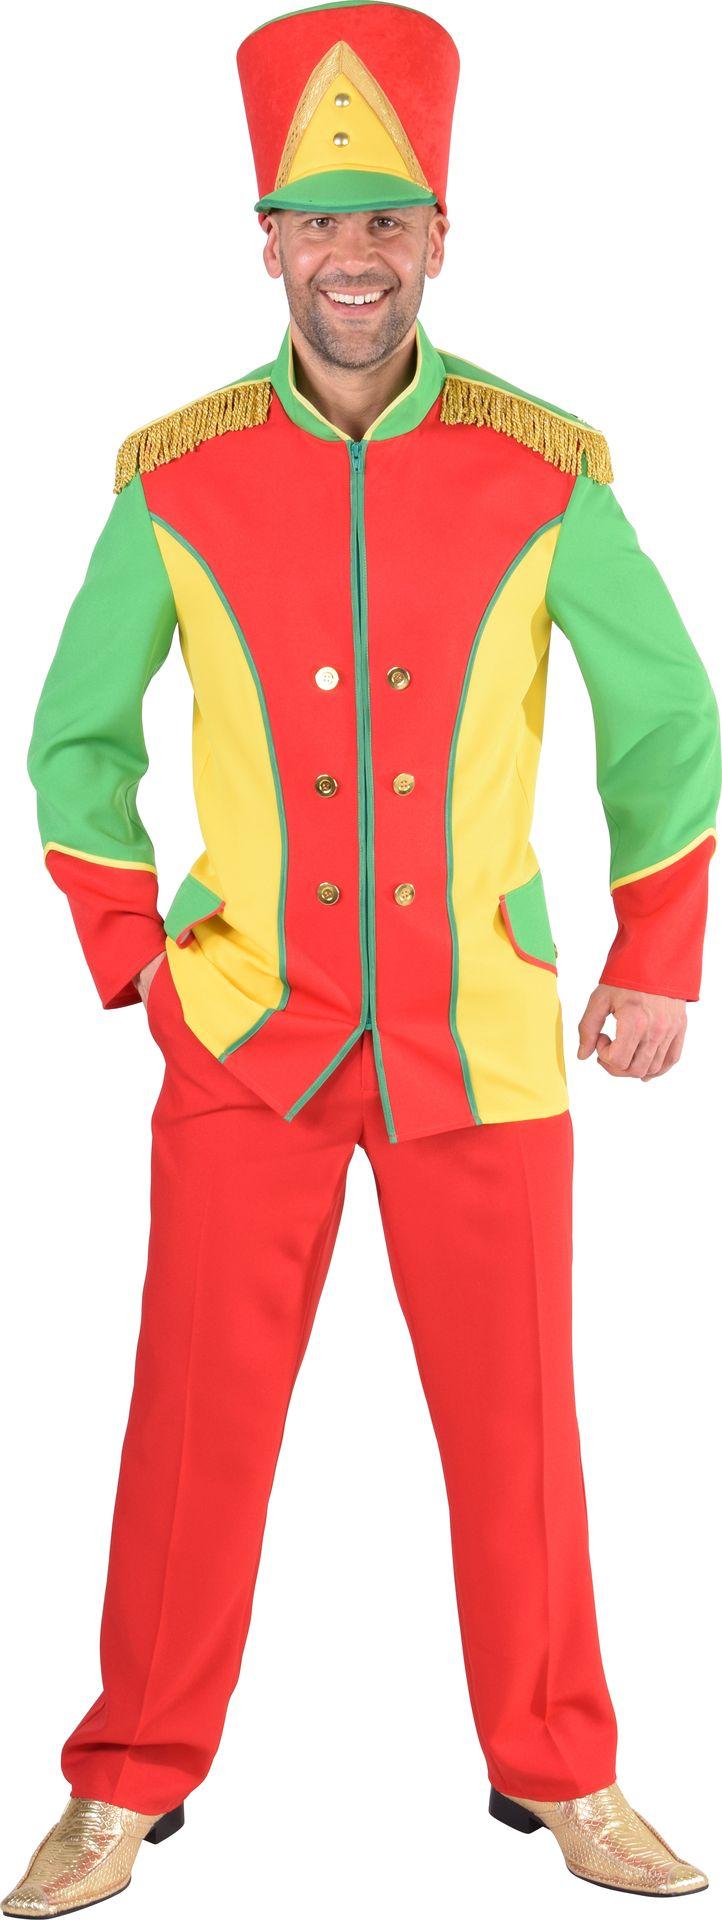 Fanfare jas rood, geel en groen mannen